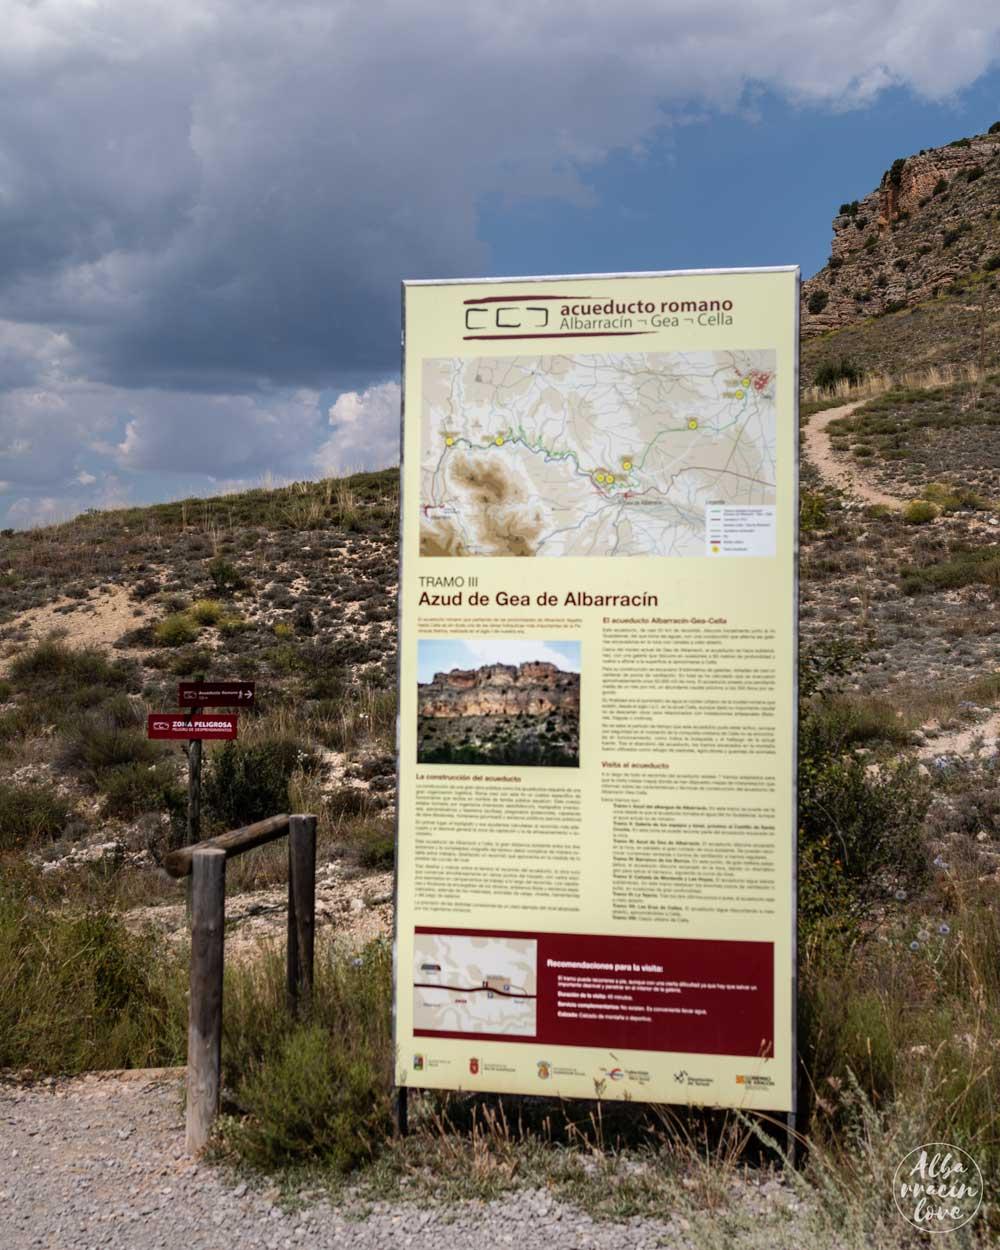 Fotografía de las mesas de interpretación del Acueducto Romano de Gea